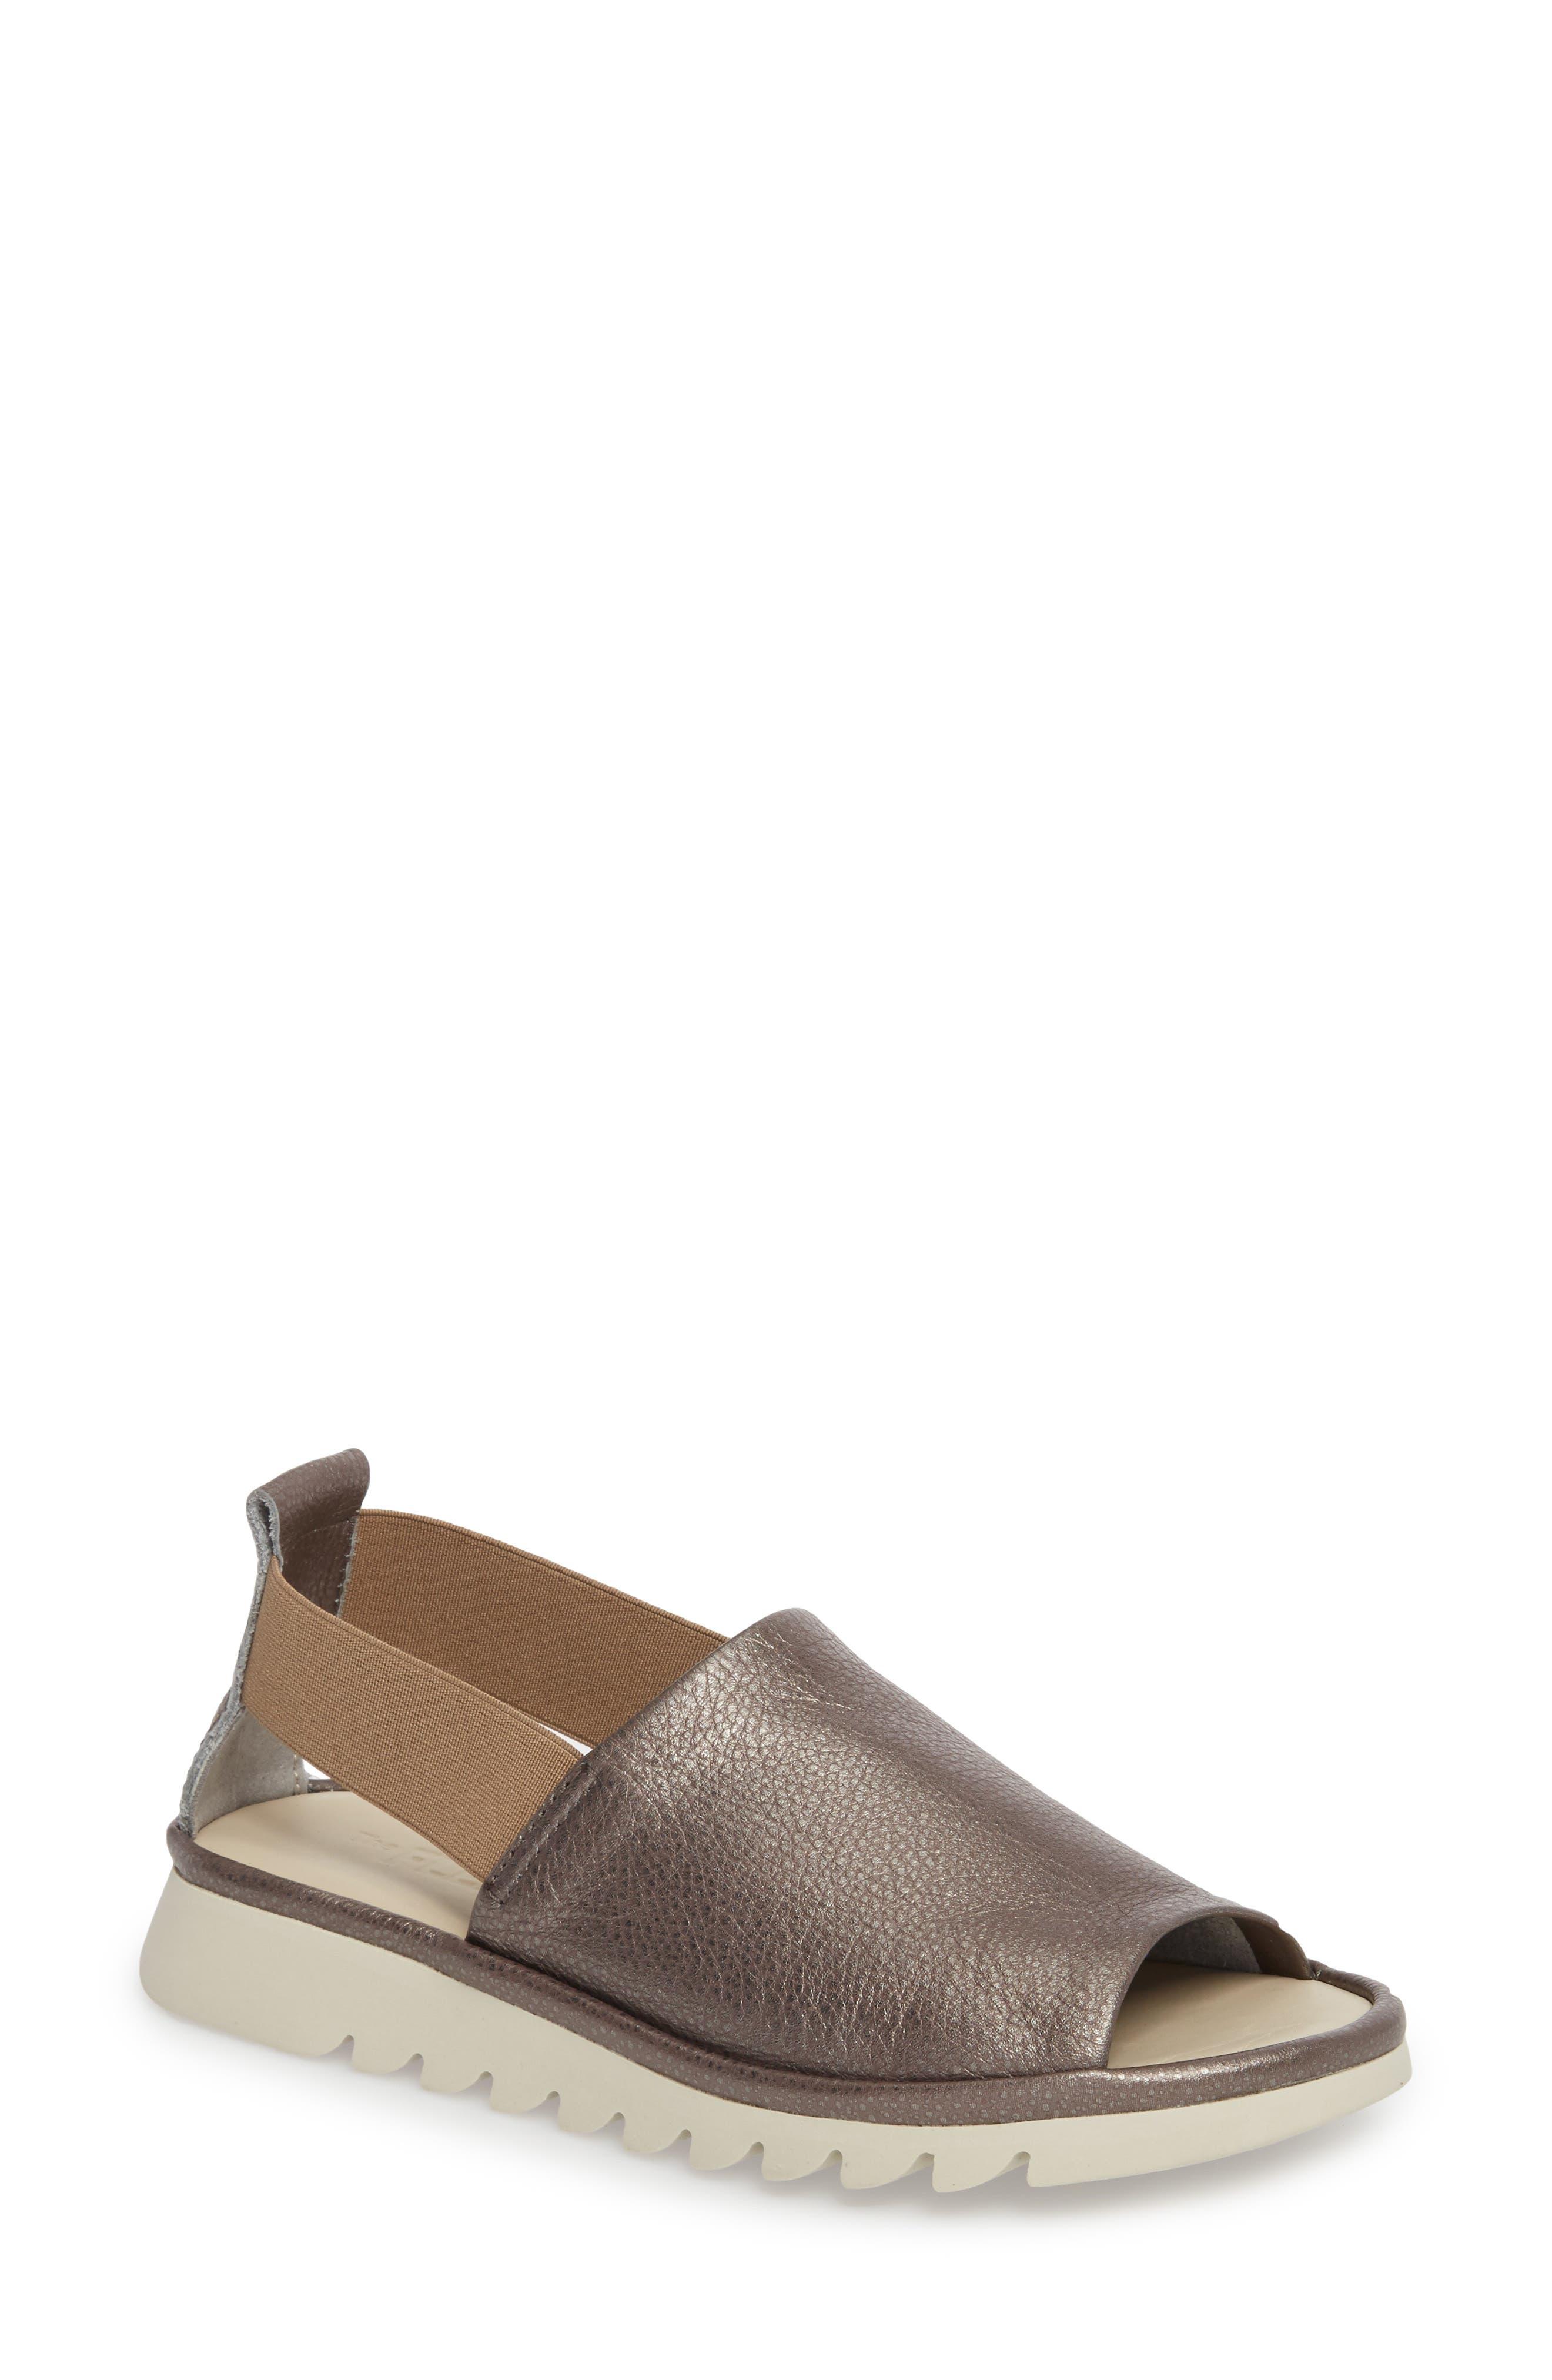 Shore Line Sandal,                             Main thumbnail 1, color,                             Canna Di Fucile Leather